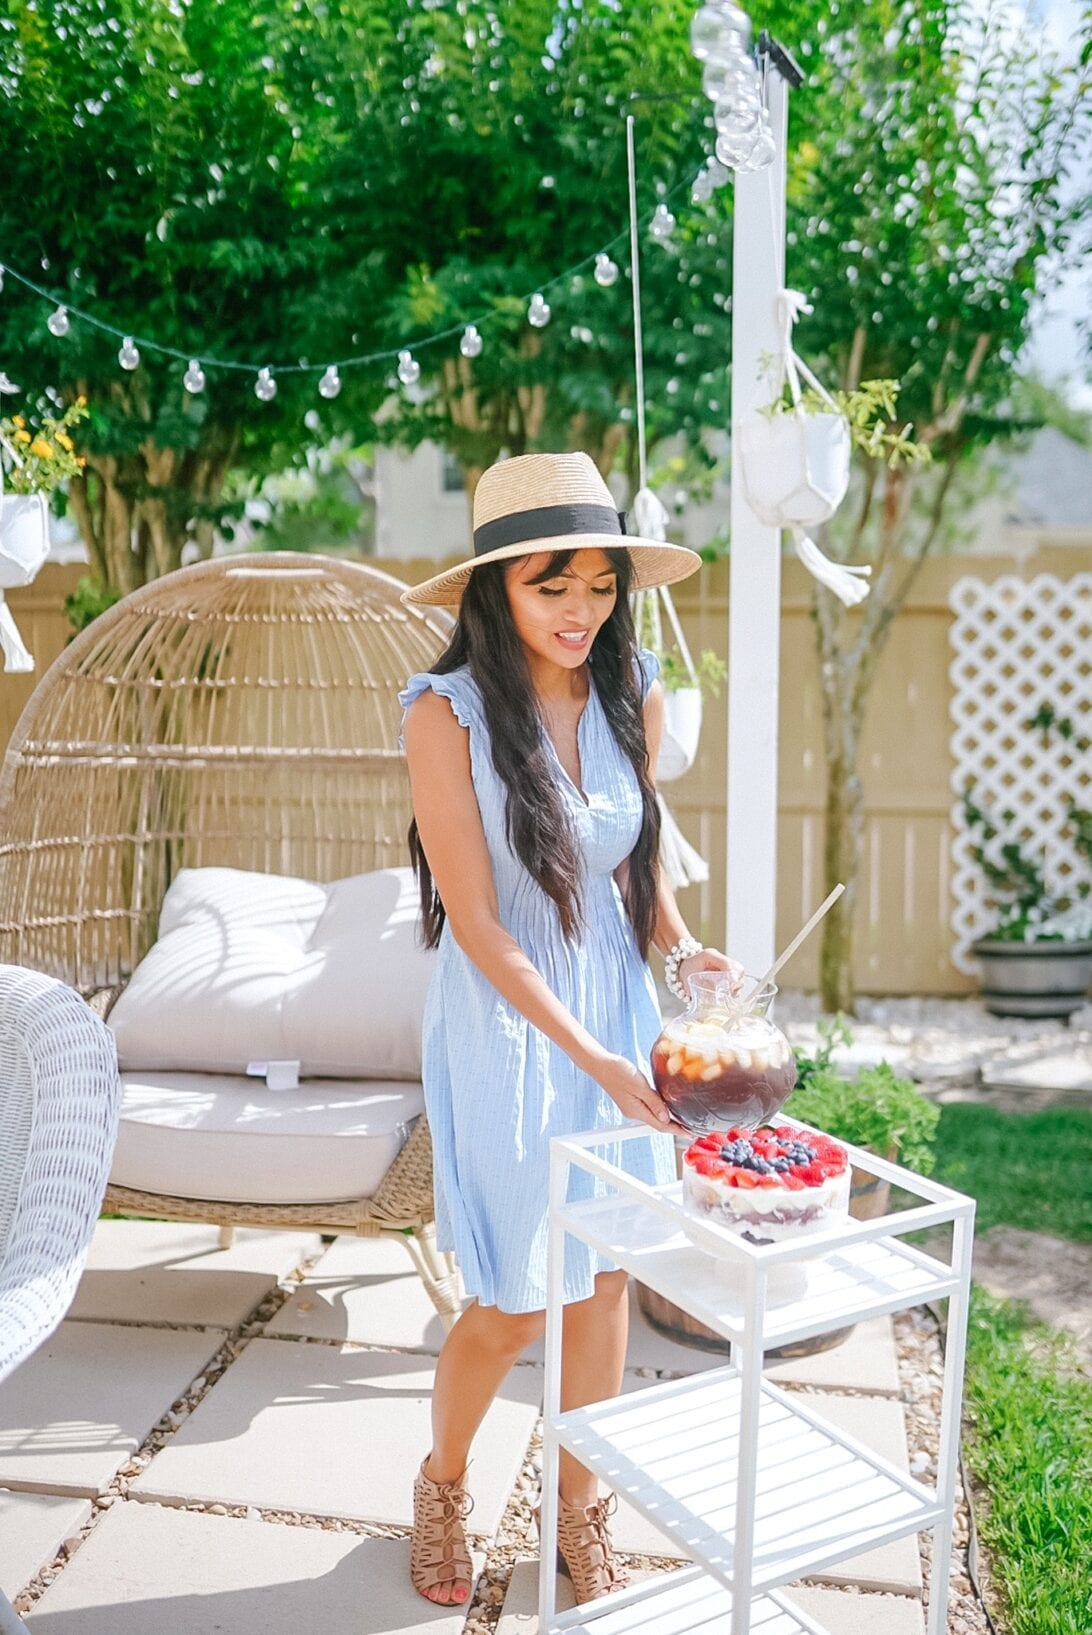 egg chair, rolling cart, ice tea, summer backyard